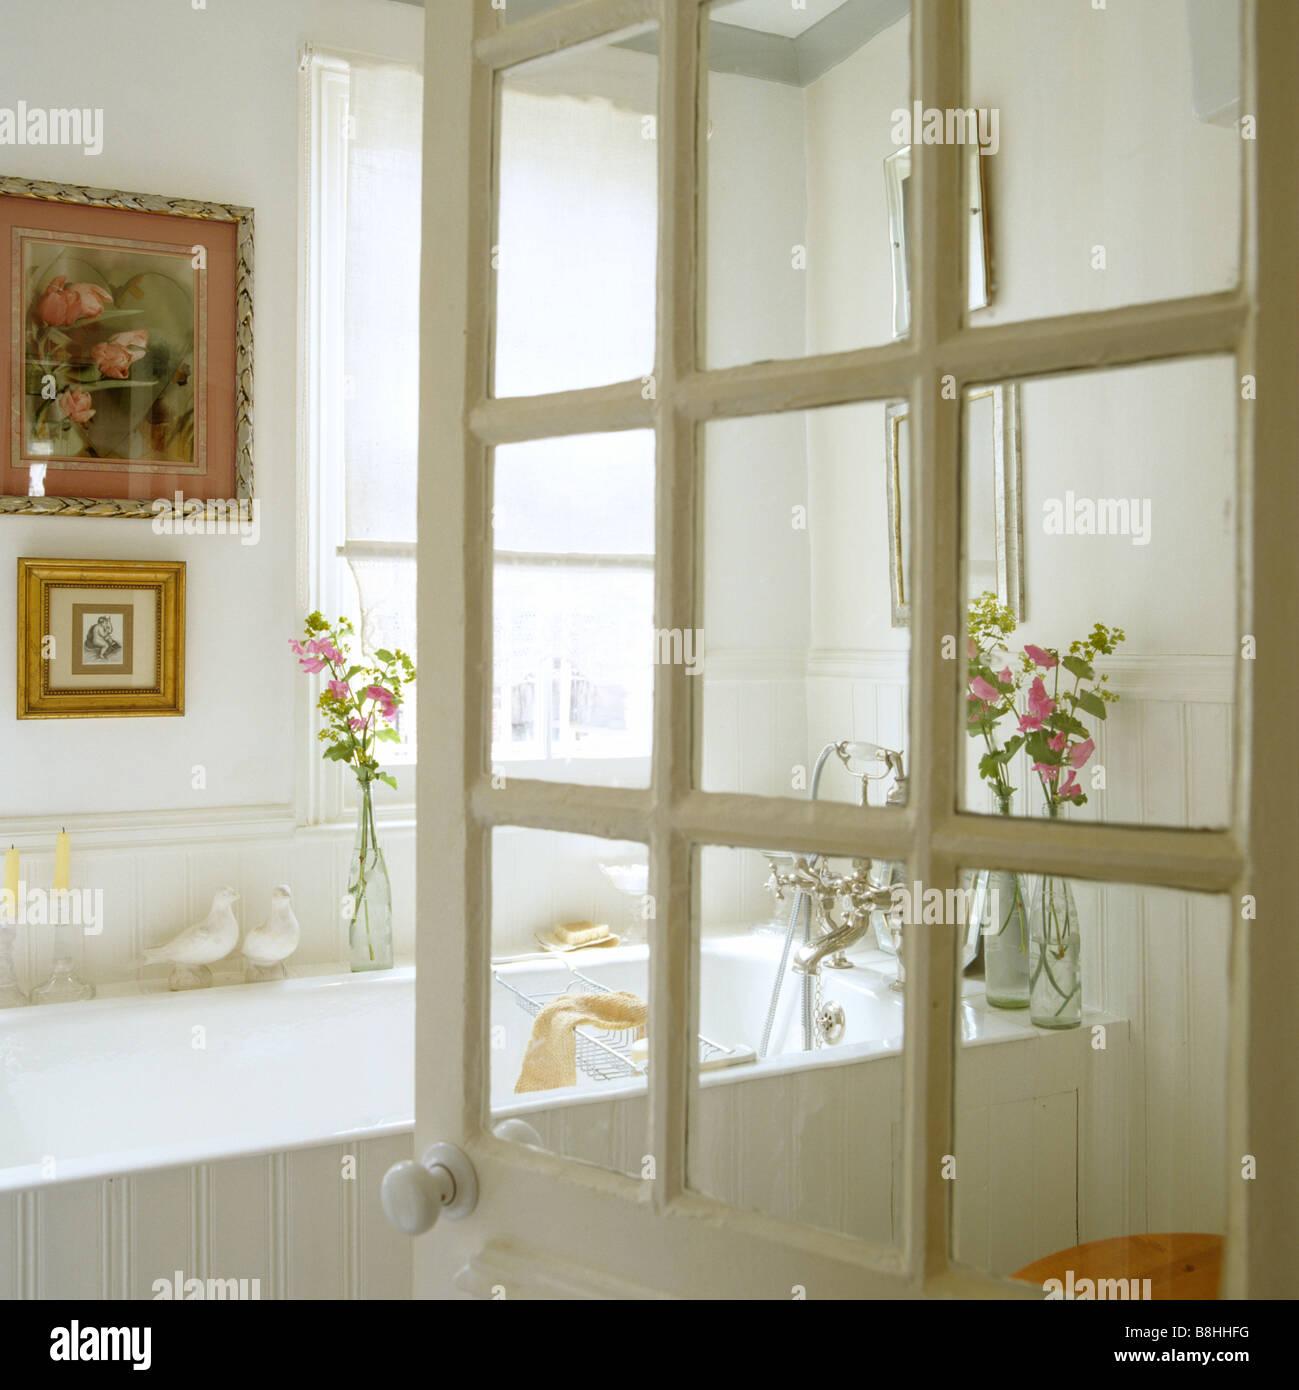 Vista attraverso il georgiano porta vetrata in un bagno di colore bianco Immagini Stock